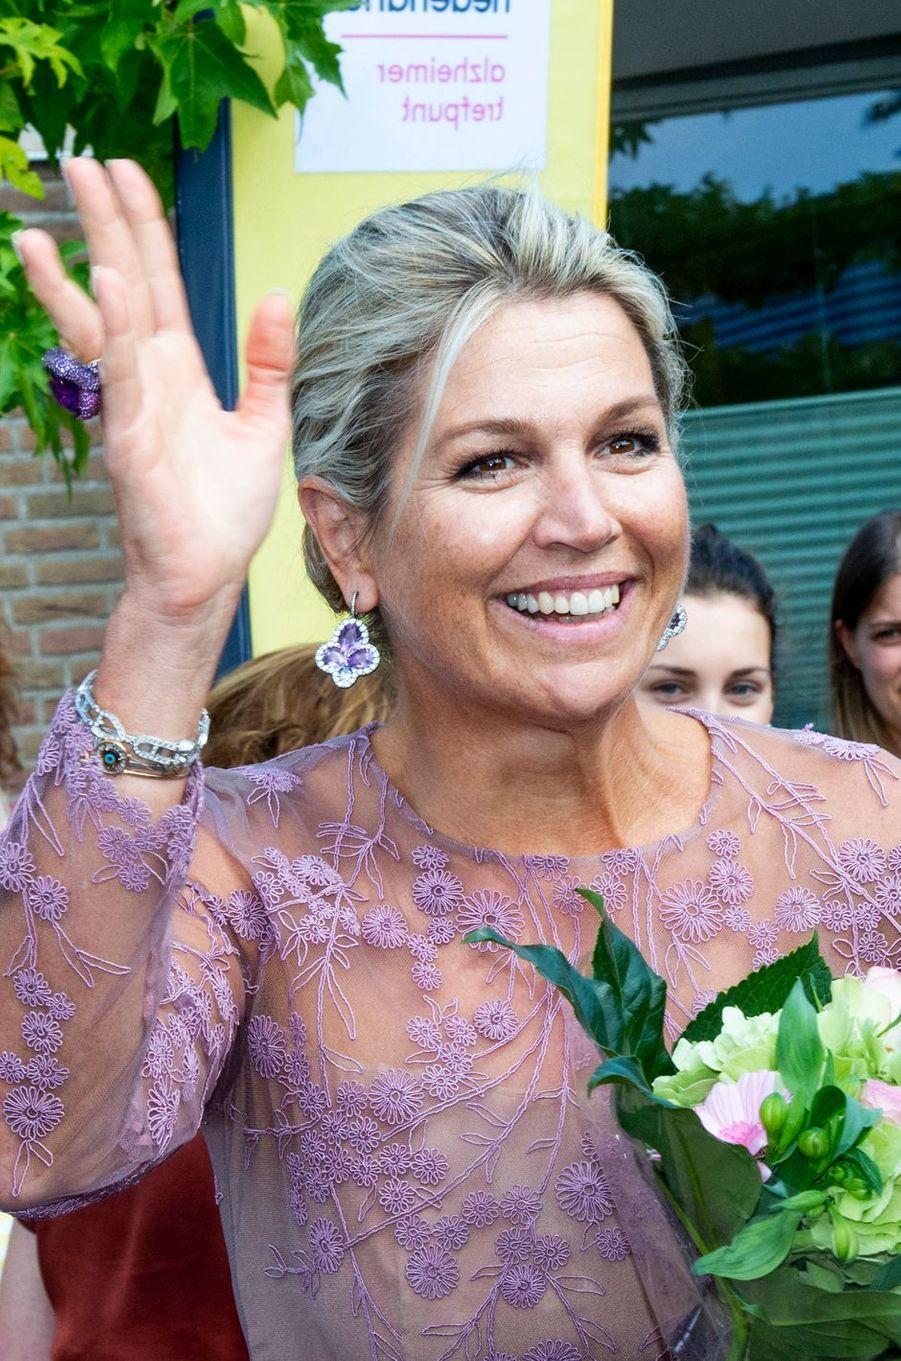 La reine Maxima des Pays-Bas à Giessenburg, le 10 septembre 2019